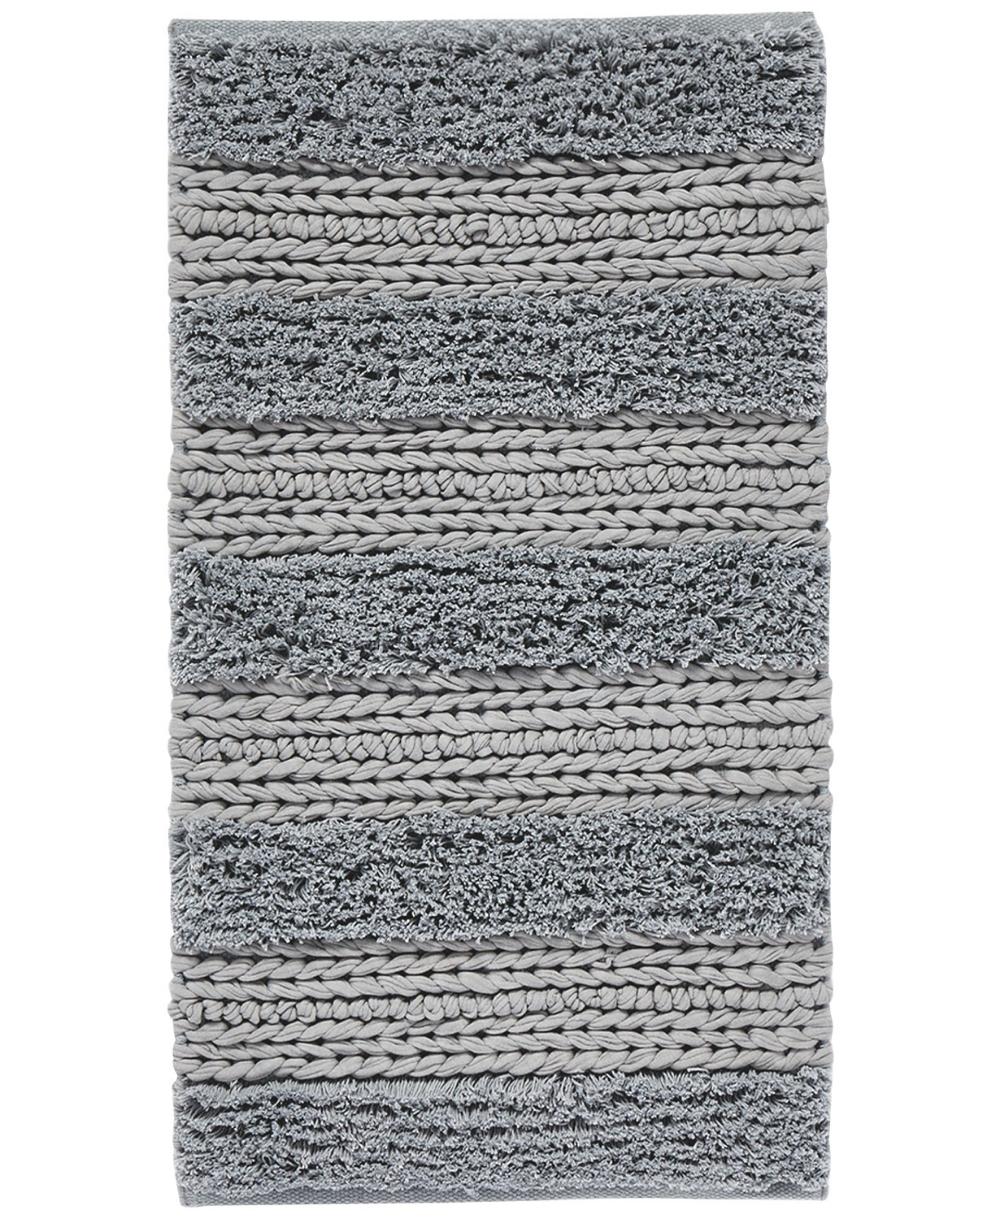 Sunham Closeout Cascada Home Cotton Jersey Stripe Accent Rug Collection Reviews Bath Rugs Bath Mats Bed Bath Macy S In 2020 Rugs Accent Rugs Bath Rugs